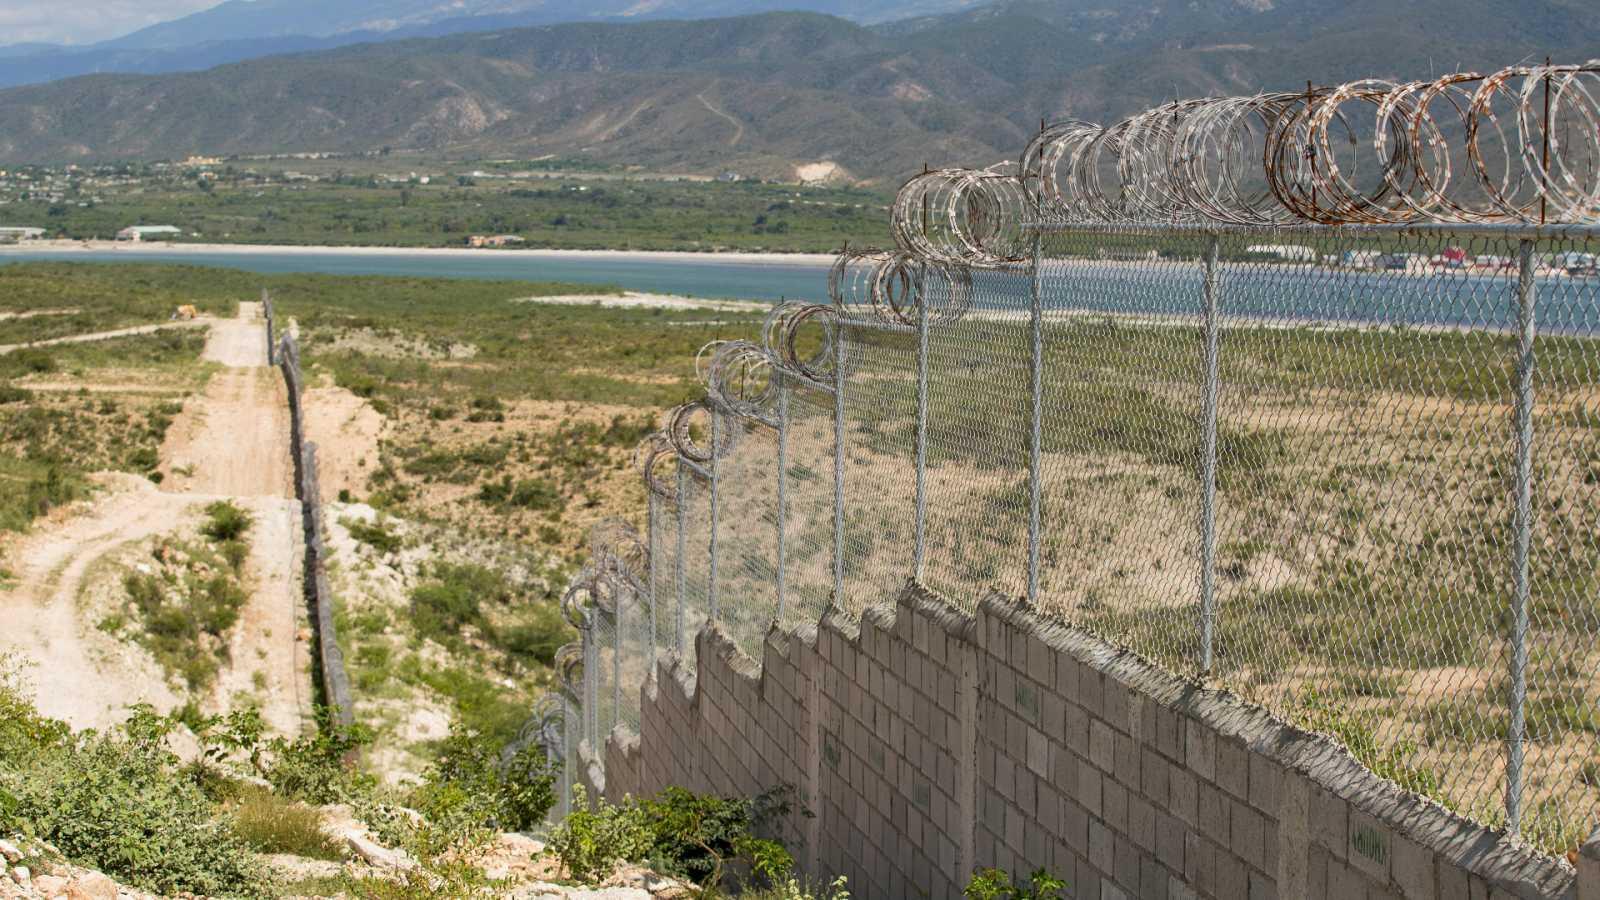 La valla que separa República Dominicana de Haití